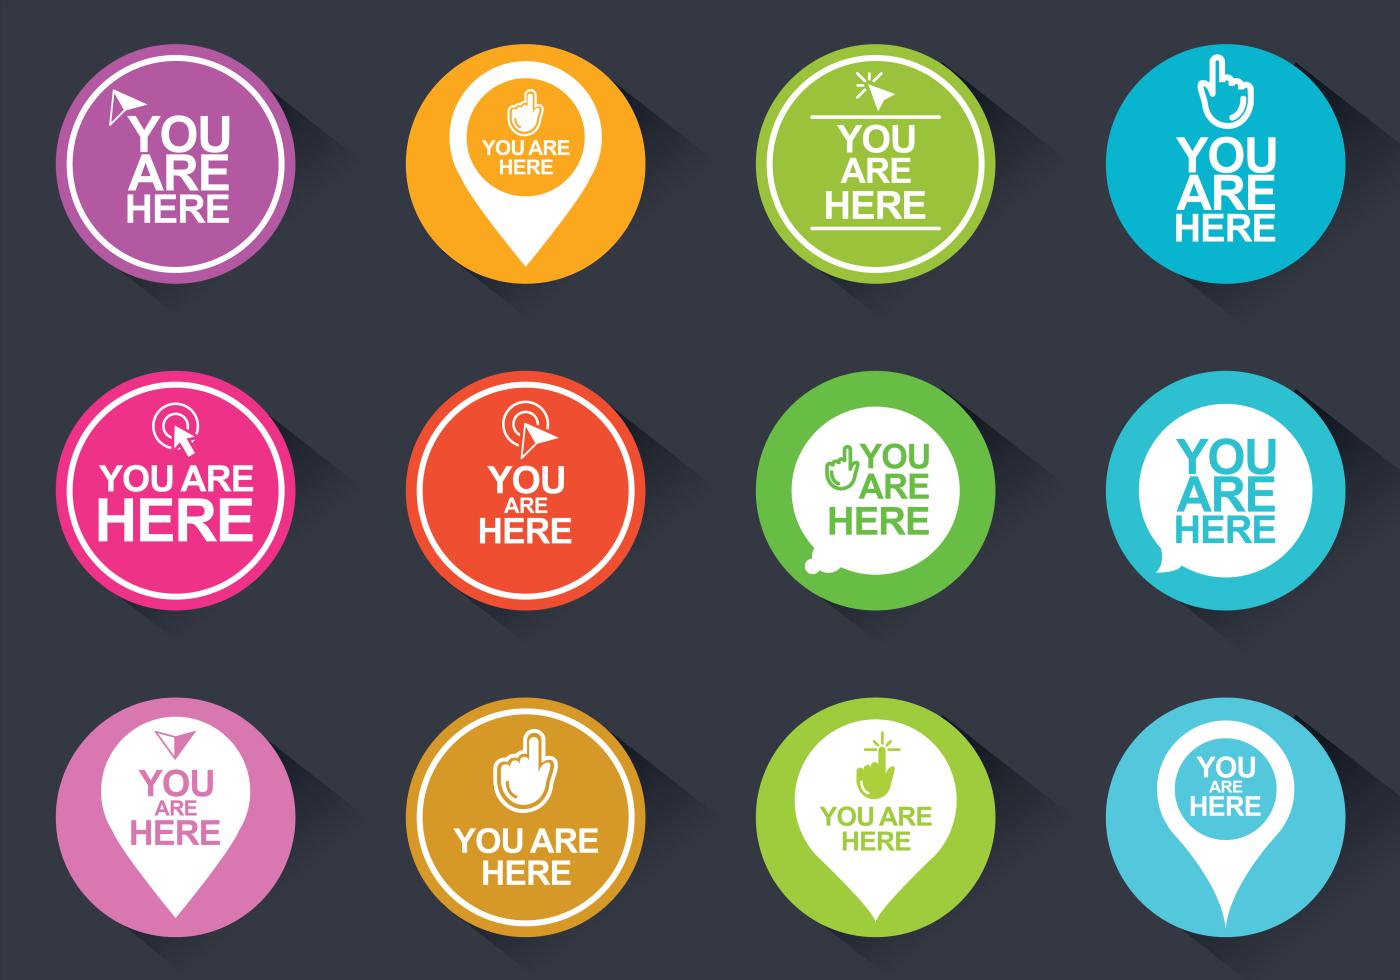 Ubicación Posición Icono Gráficos Vectoriales Gratis: Usted Está Aquí Iconos Del Vector